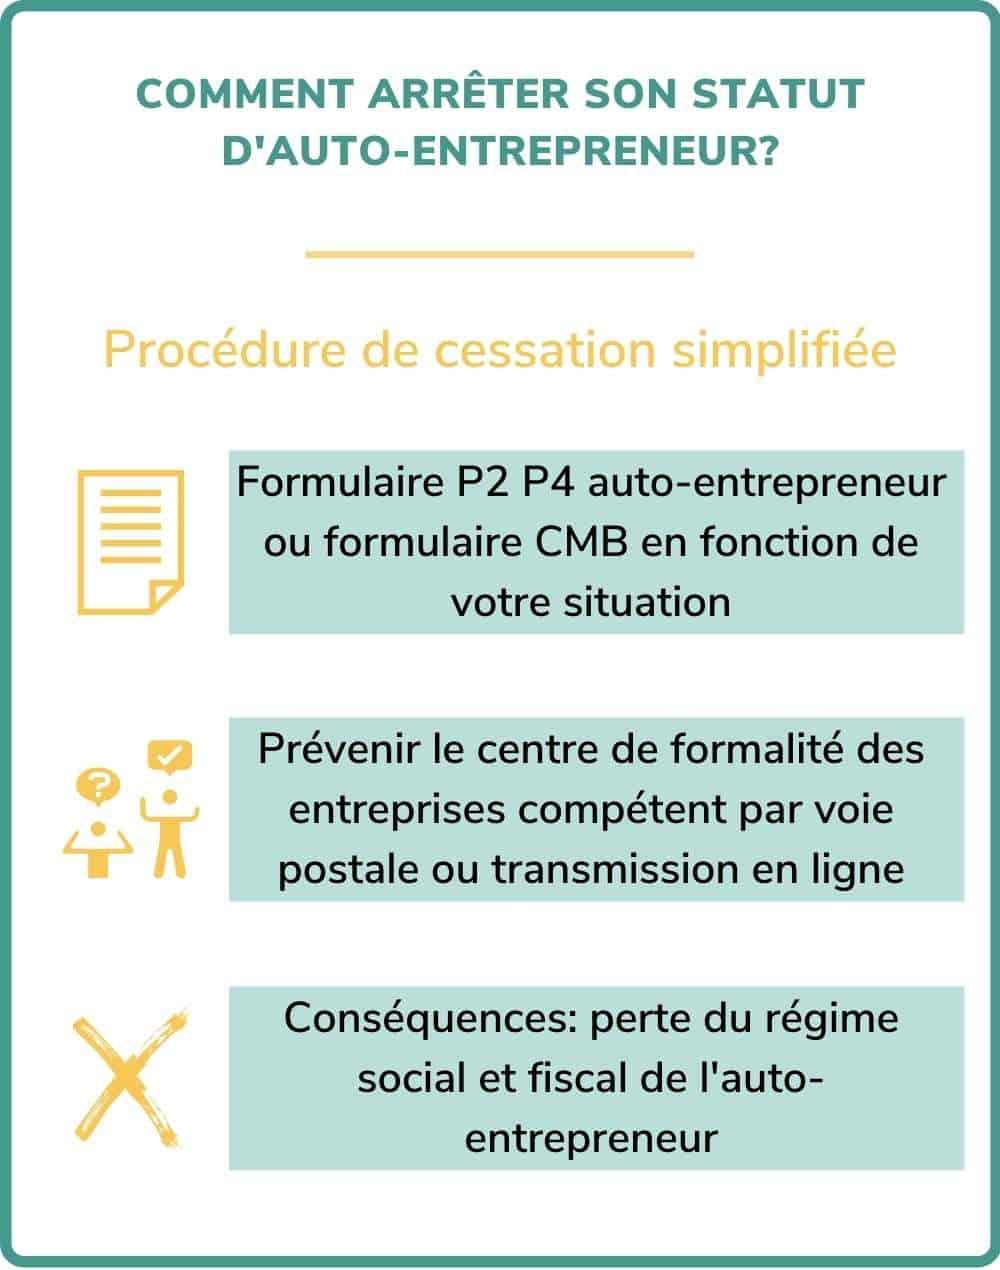 Comment arrêter le statut d'auto-entrepreneur?